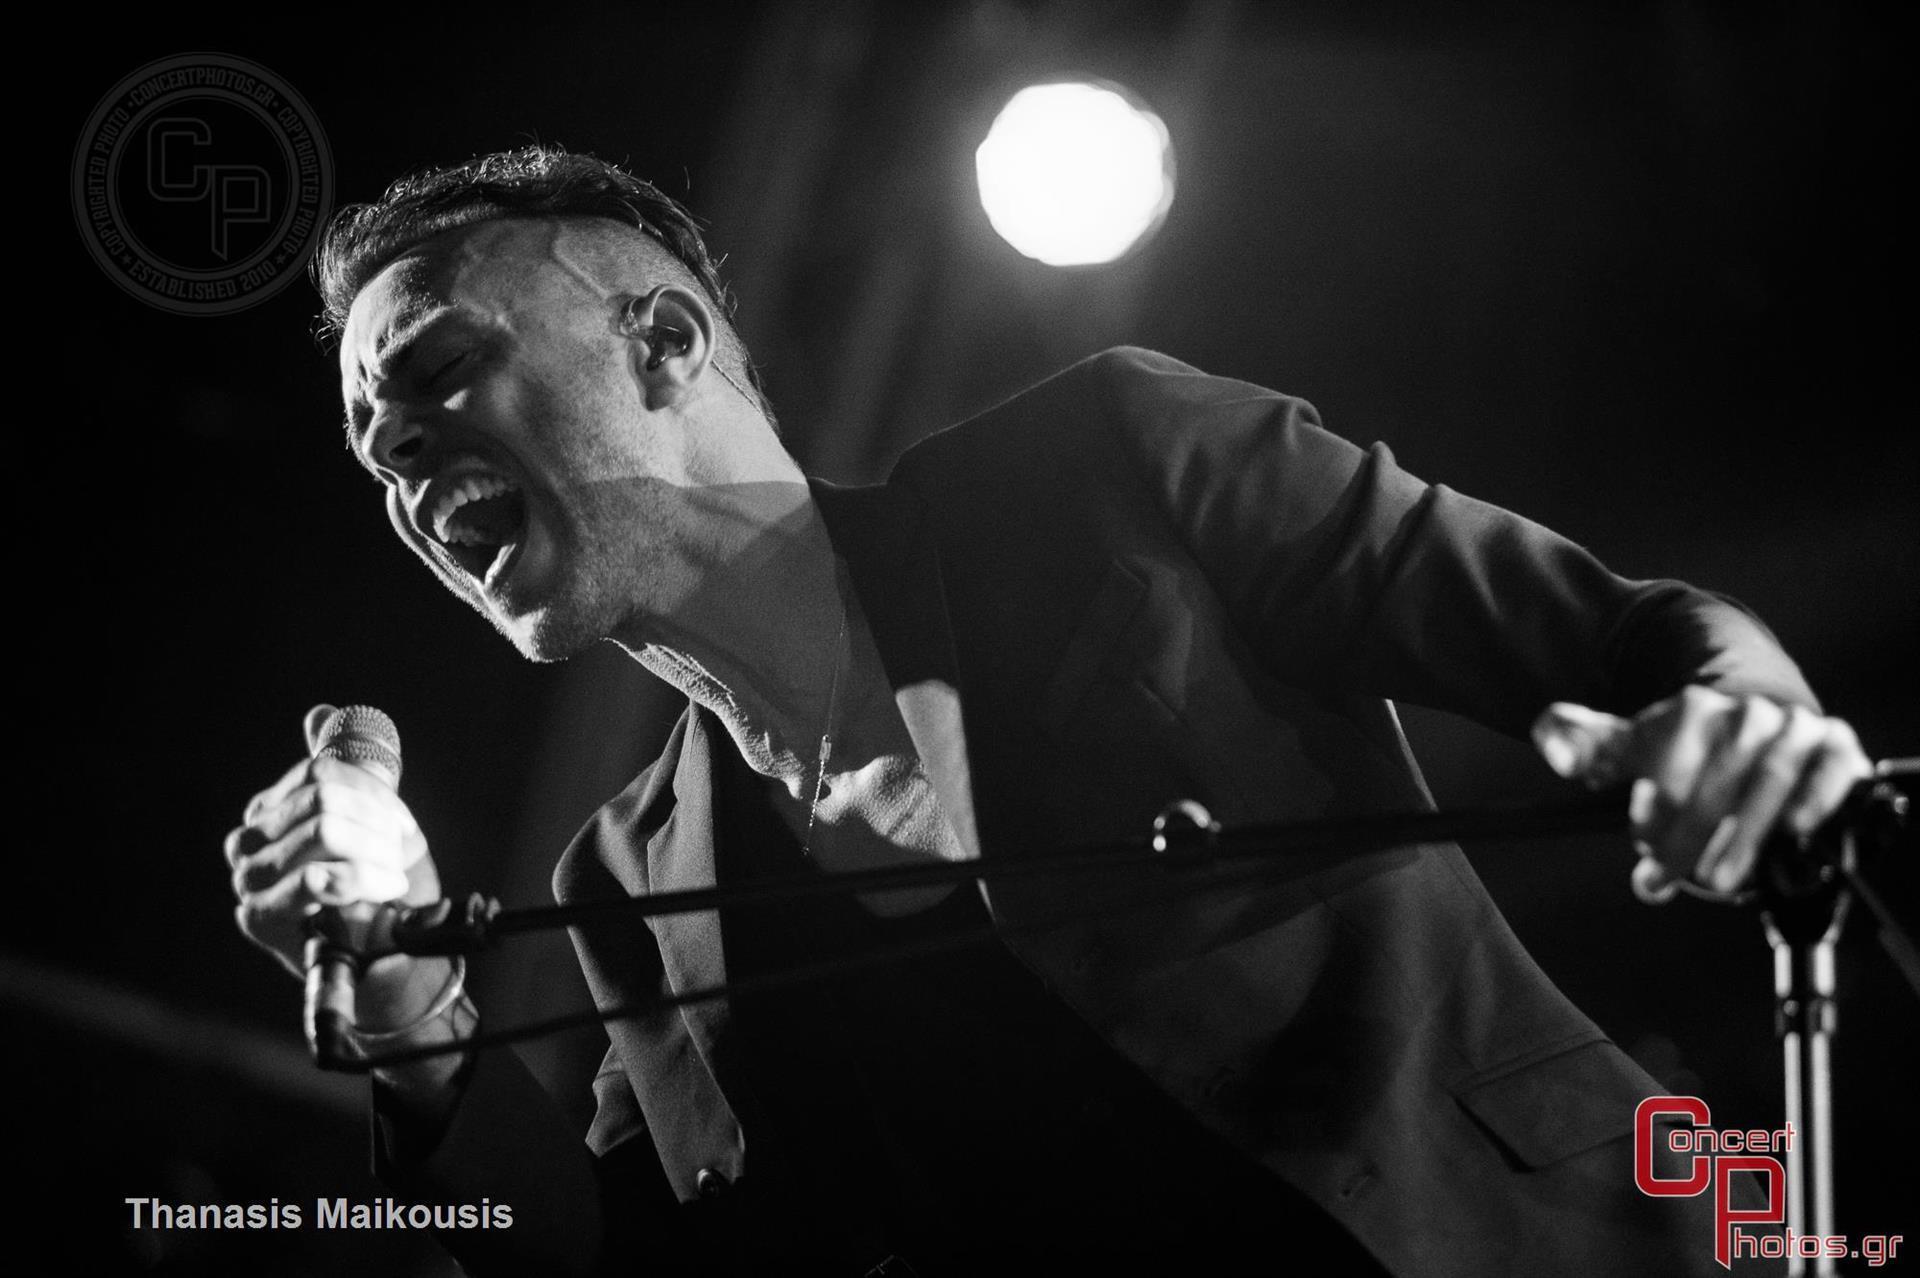 Asaf Avidan-Asaf Avidan photographer: Thanasis Maikousis - ConcertPhotos - 20150624_2100_46